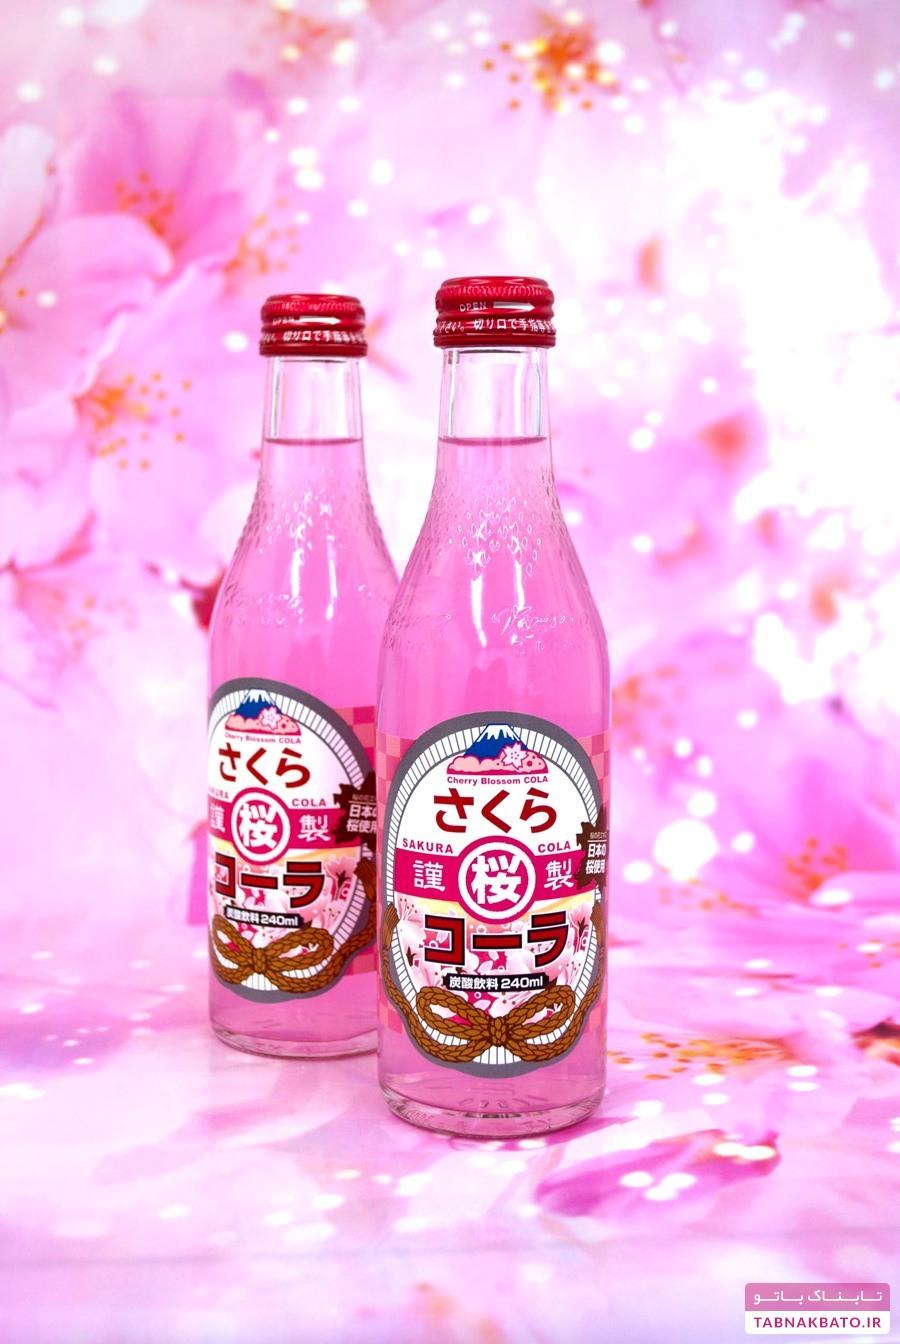 نوشیدنیهای عجیب و غریب شرکت ژاپنی + تصاویر